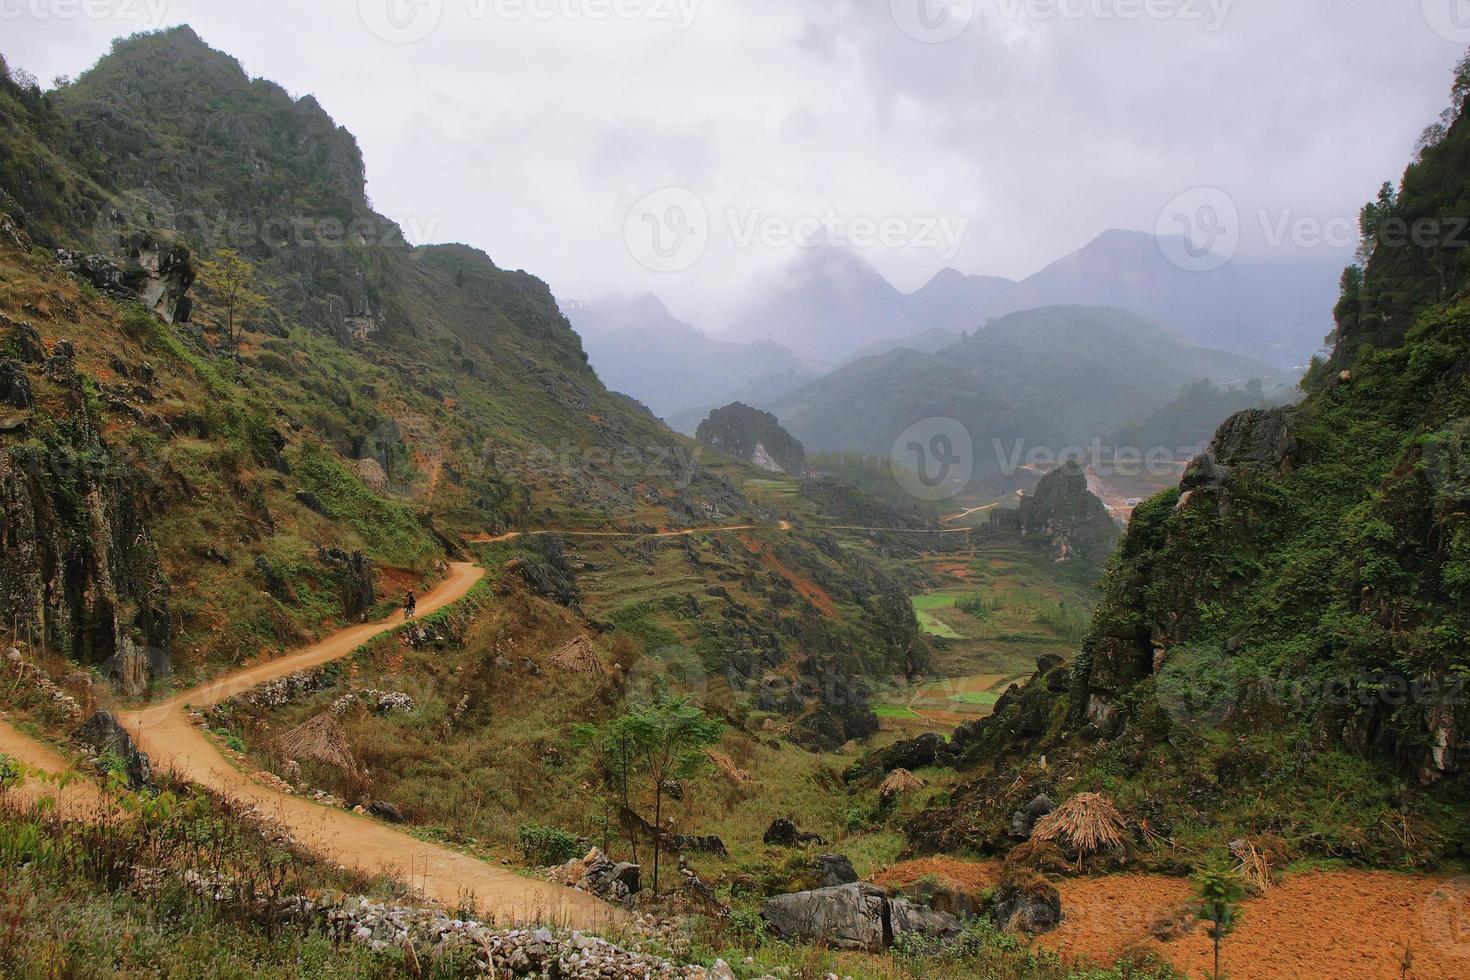 bergen en rijstvelden in de buurt van dong van in ha giang, vietnam. foto